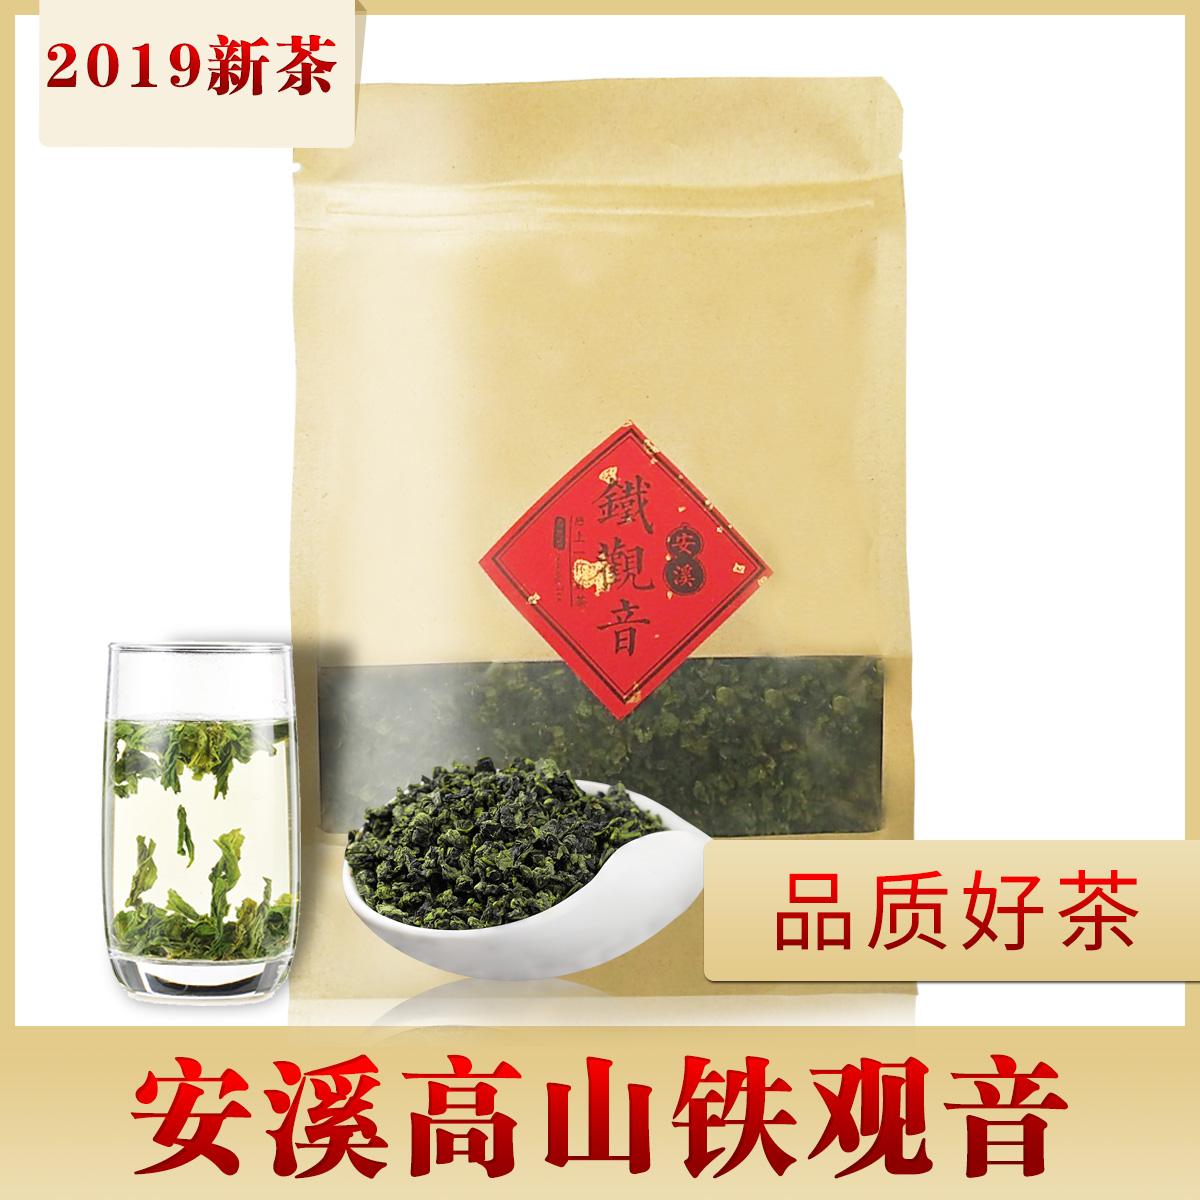 祺真 安溪鐵觀音125g 新茶嘗鮮 綠茶